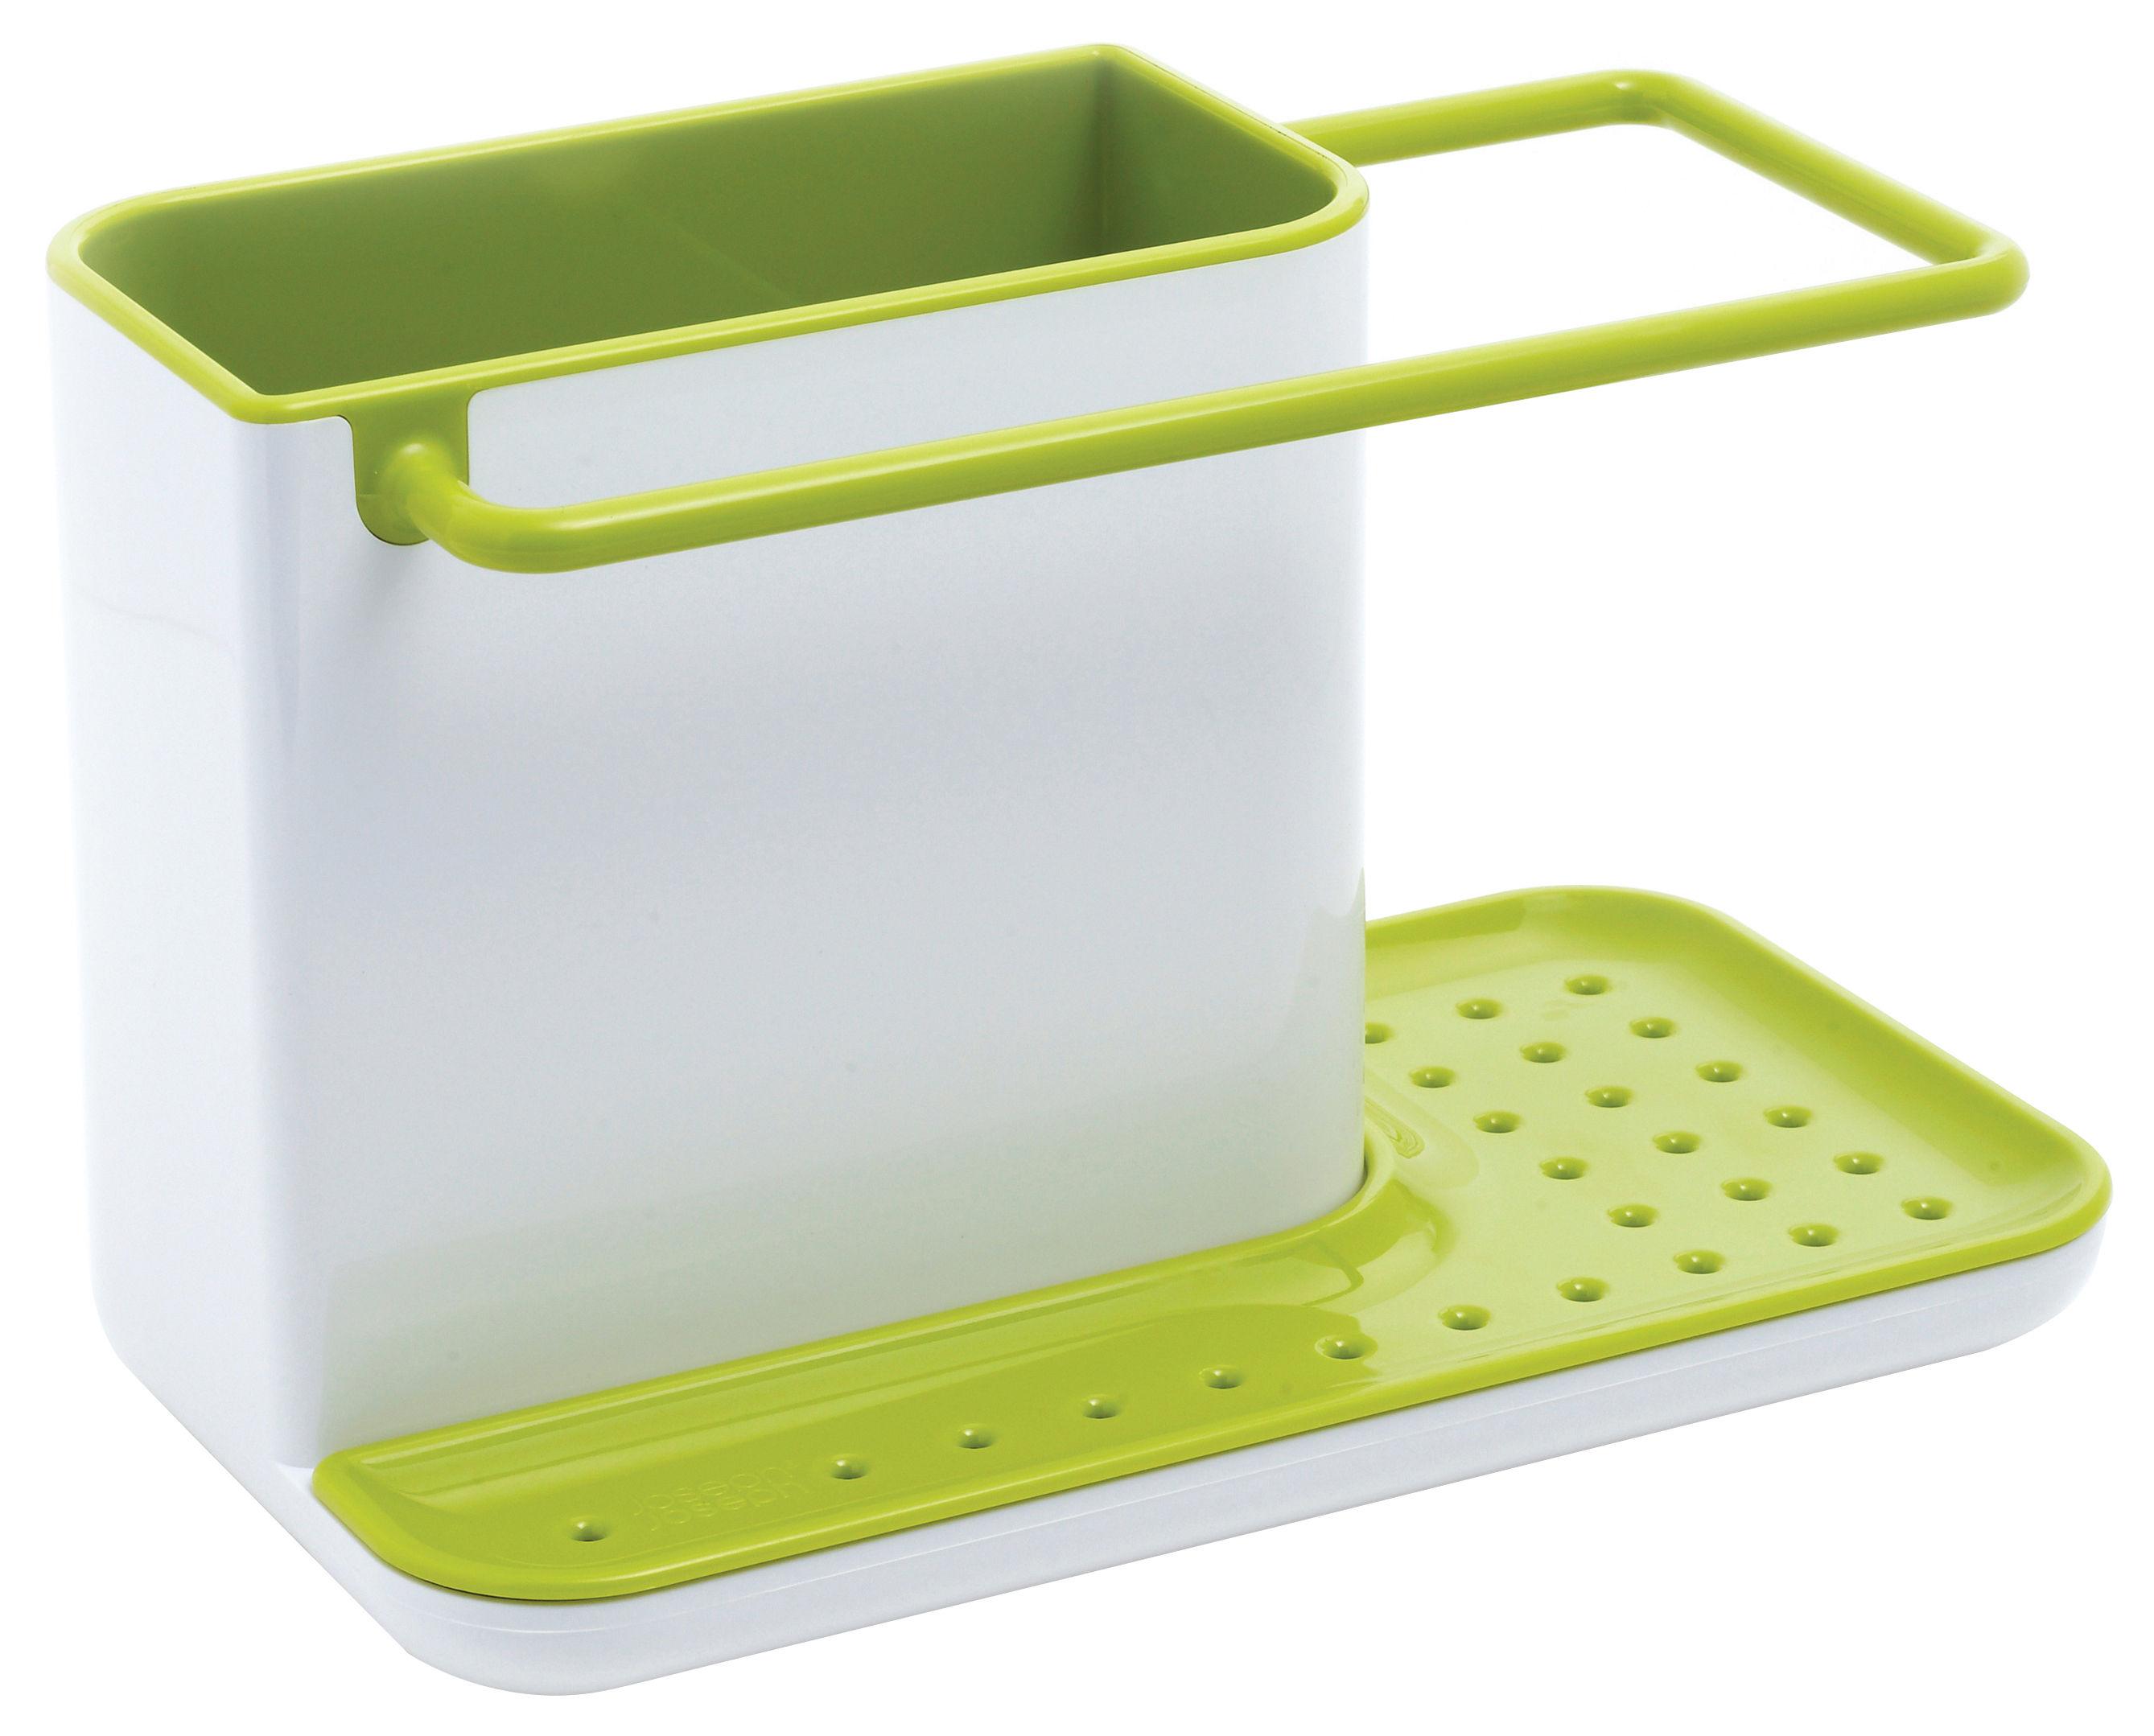 Cucina - Pulizia - Scolaoggetti cucina Caddy - / Set di contenitori per lavello di Joseph Joseph - Bianco e verde - ABS